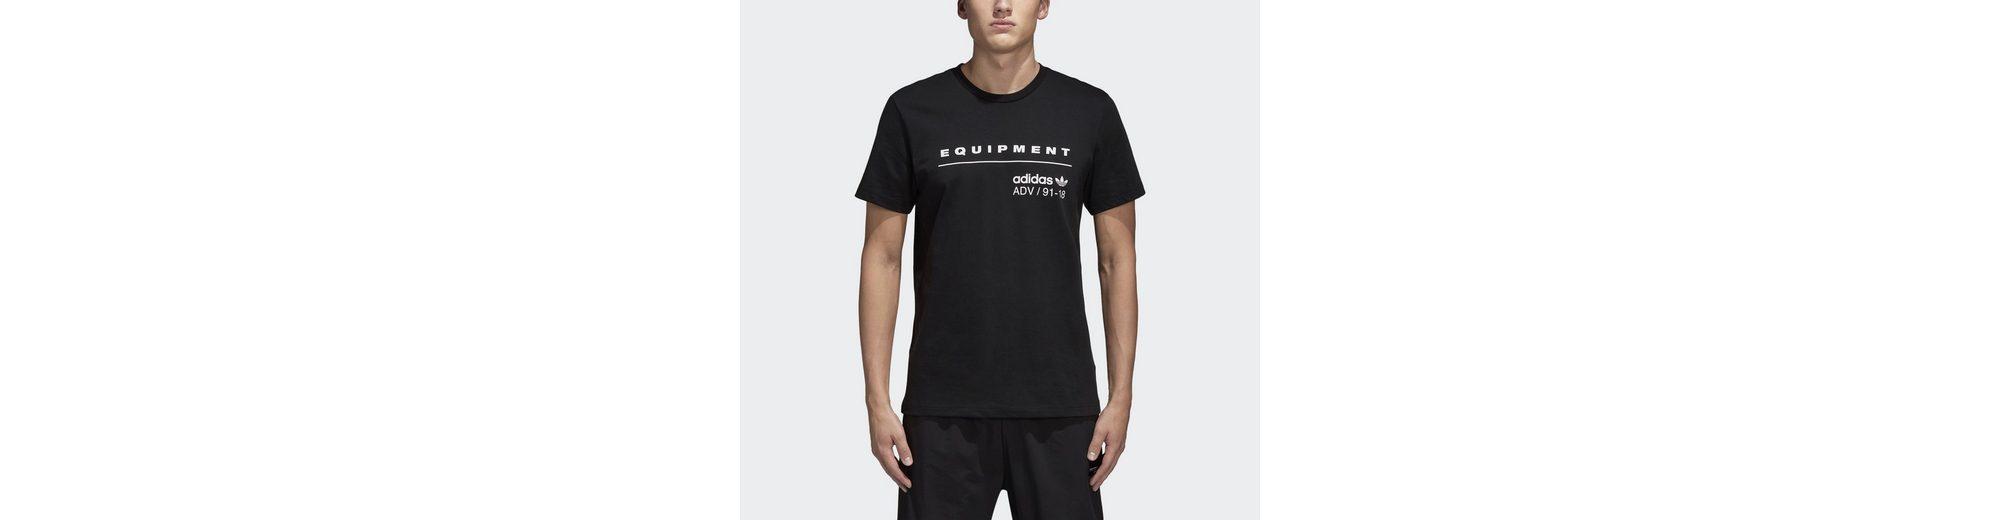 Die Besten Preise Verkauf Online adidas Originals T-Shirt EQT PDX Classic T-Shirt Verkauf Mit Mastercard h0TqE70nN